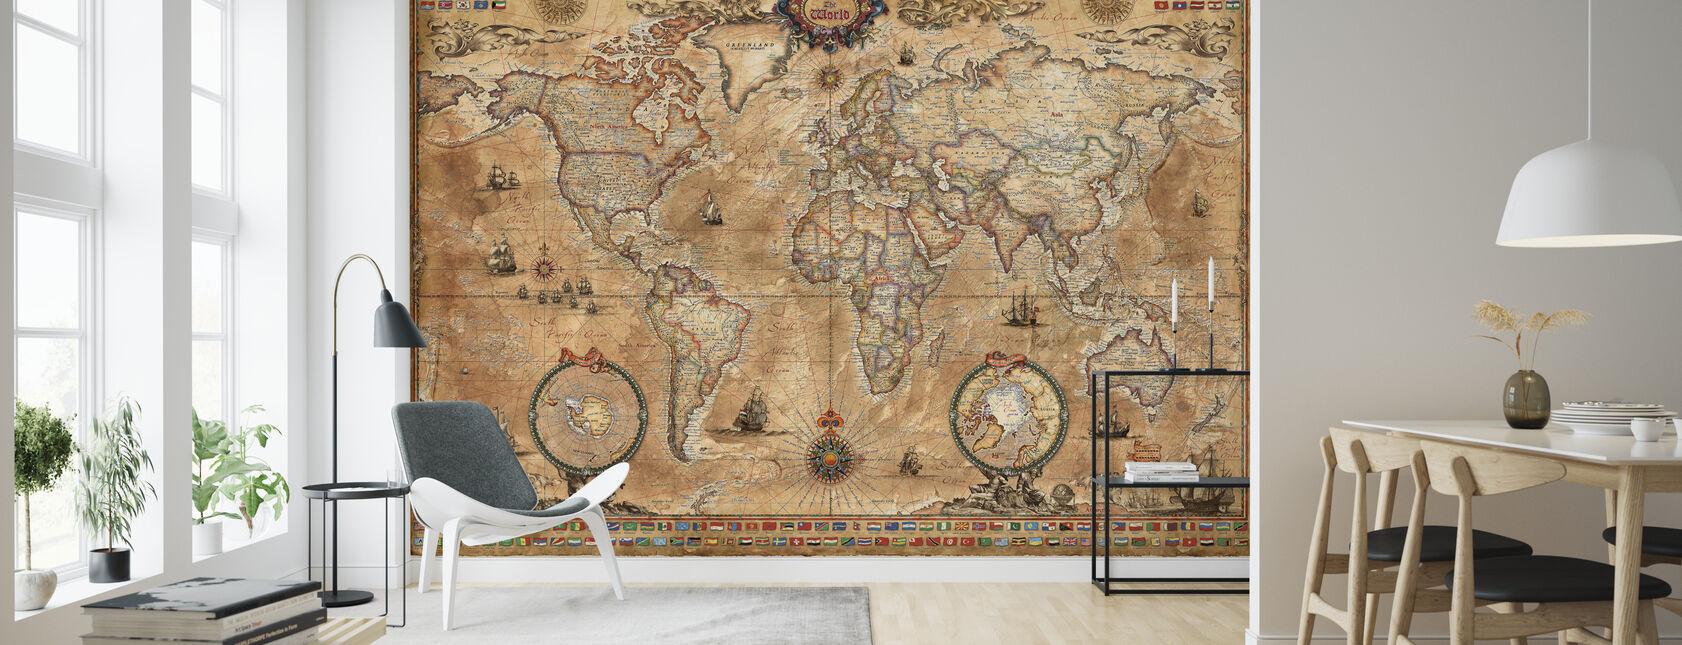 Pergament Map - Tapetti - Olohuone